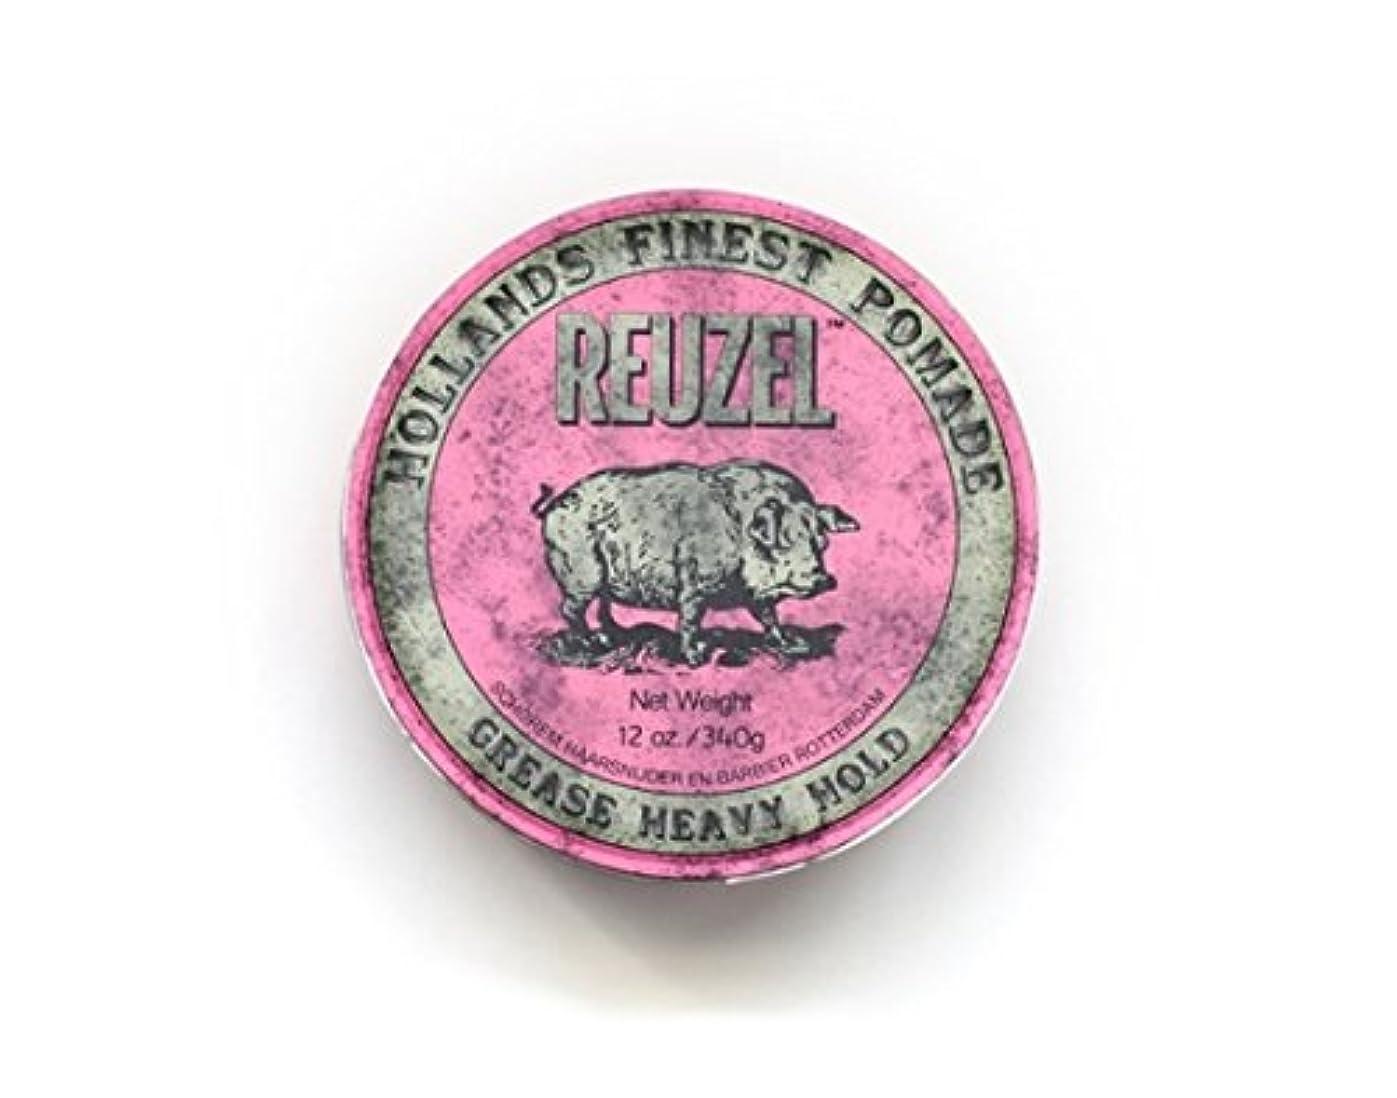 忠実にパーフェルビッド挑むルーゾー ポマード ヘビーホールド 油性 【ピンク】340g  REUZEL ルーゾーポマード